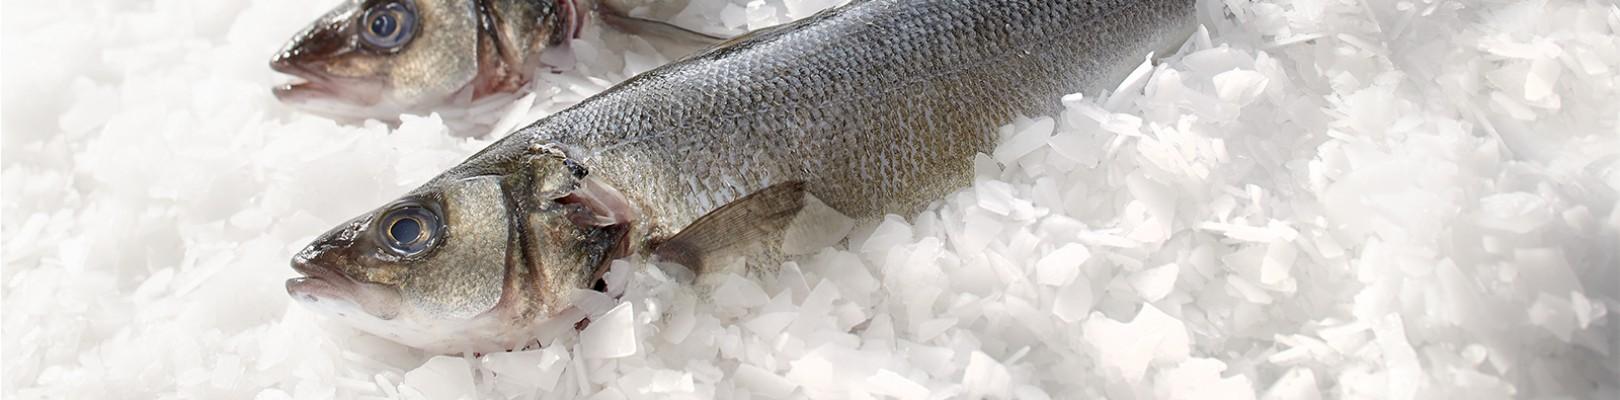 Atelier de filetage Transgourmet Seafood